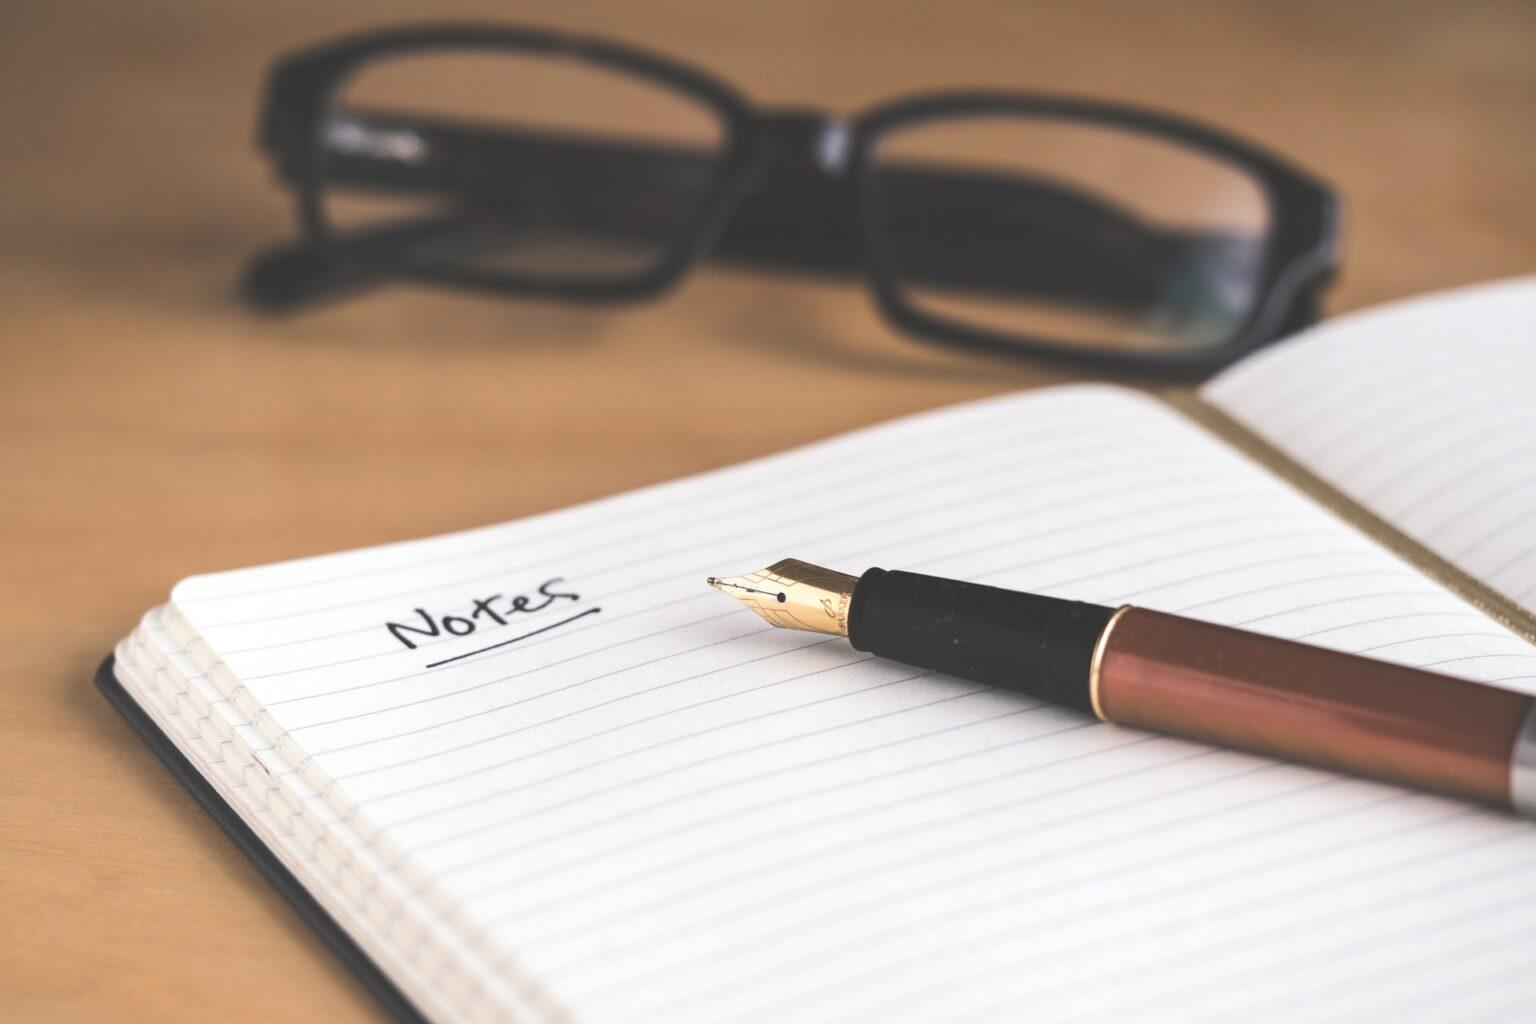 Foto von einem aufgeschlagenen Notizbuch. Es steht mit Füller das Wort Notizen darin.